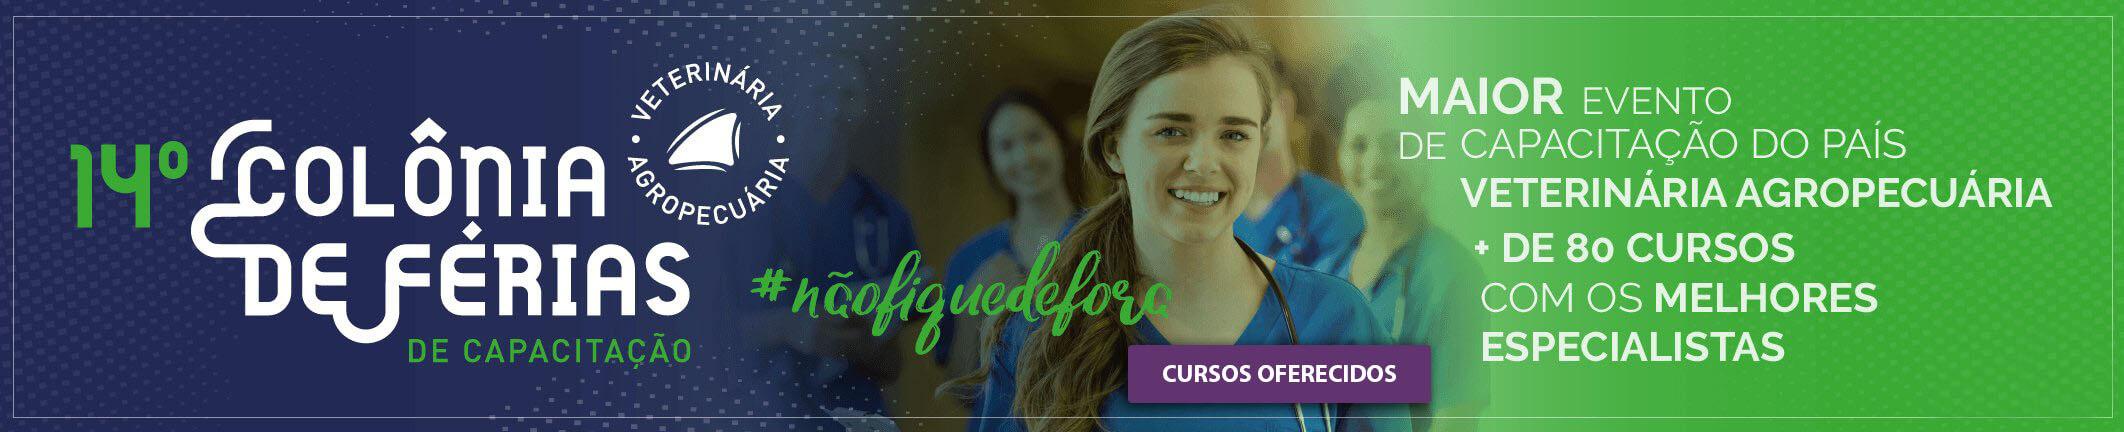 Banner Colônia de Férias de Capacitação 2018/2019